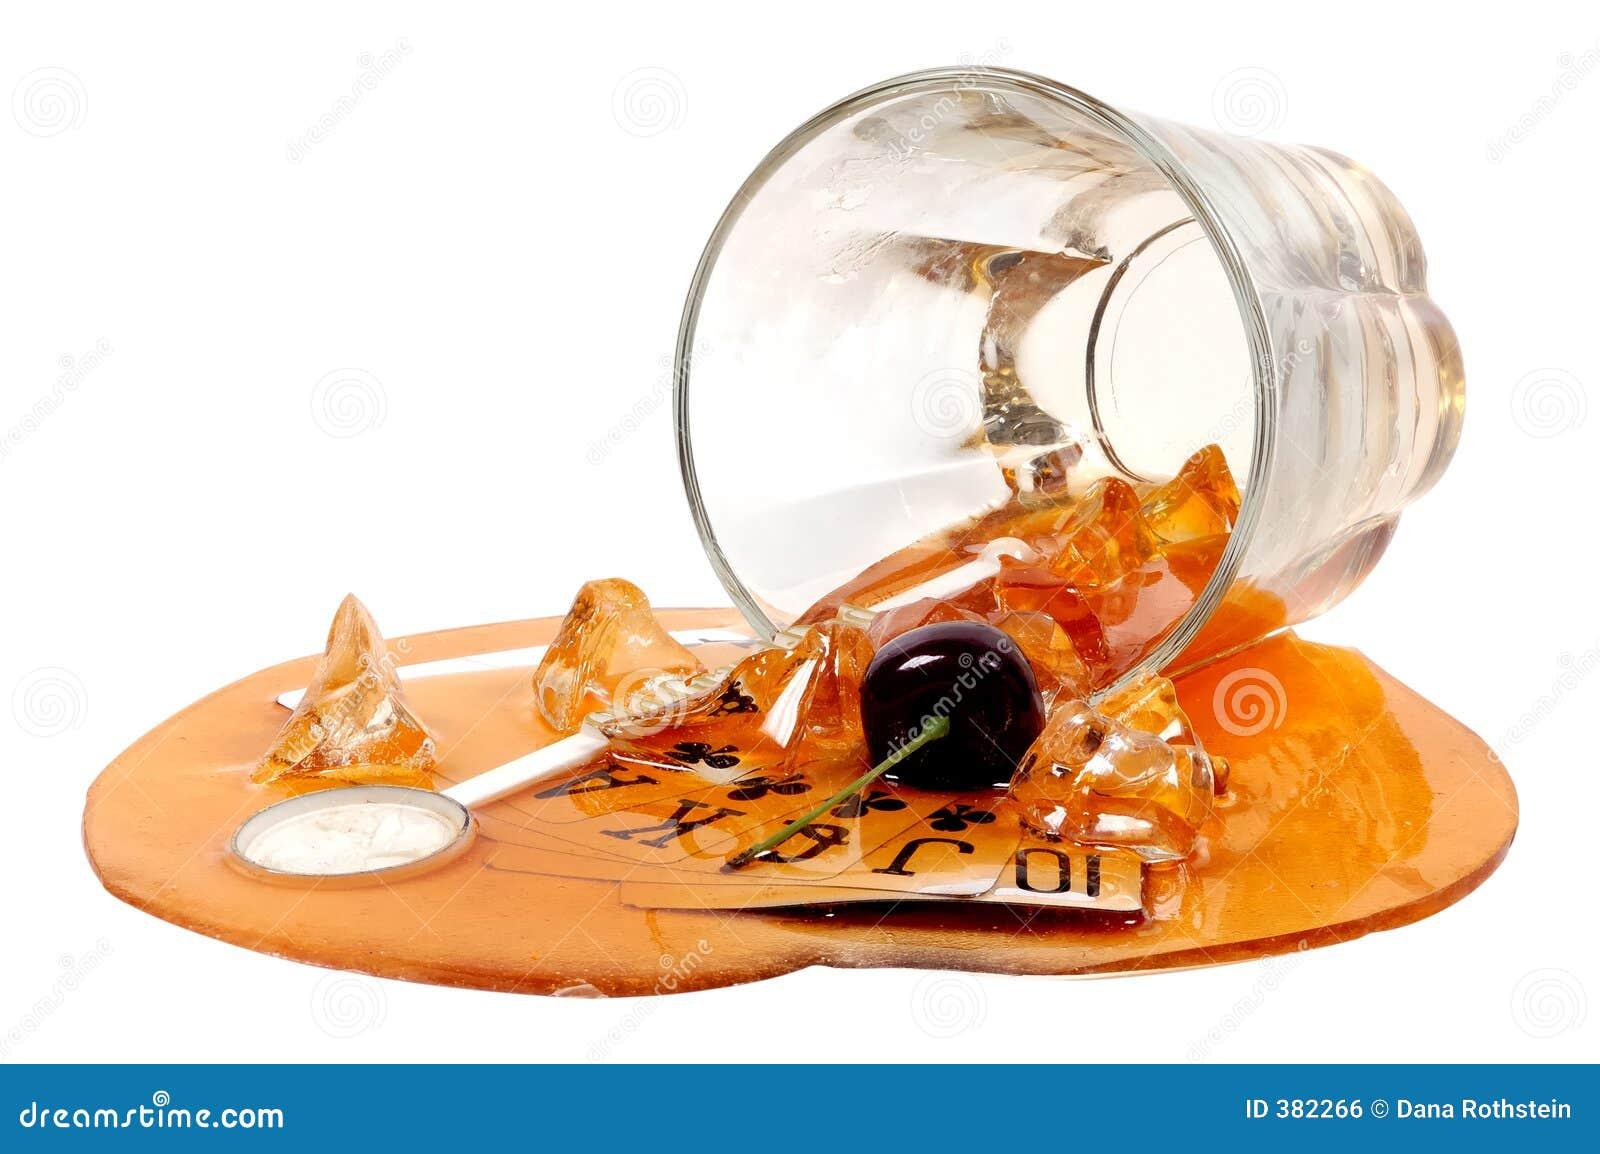 Spilld drink